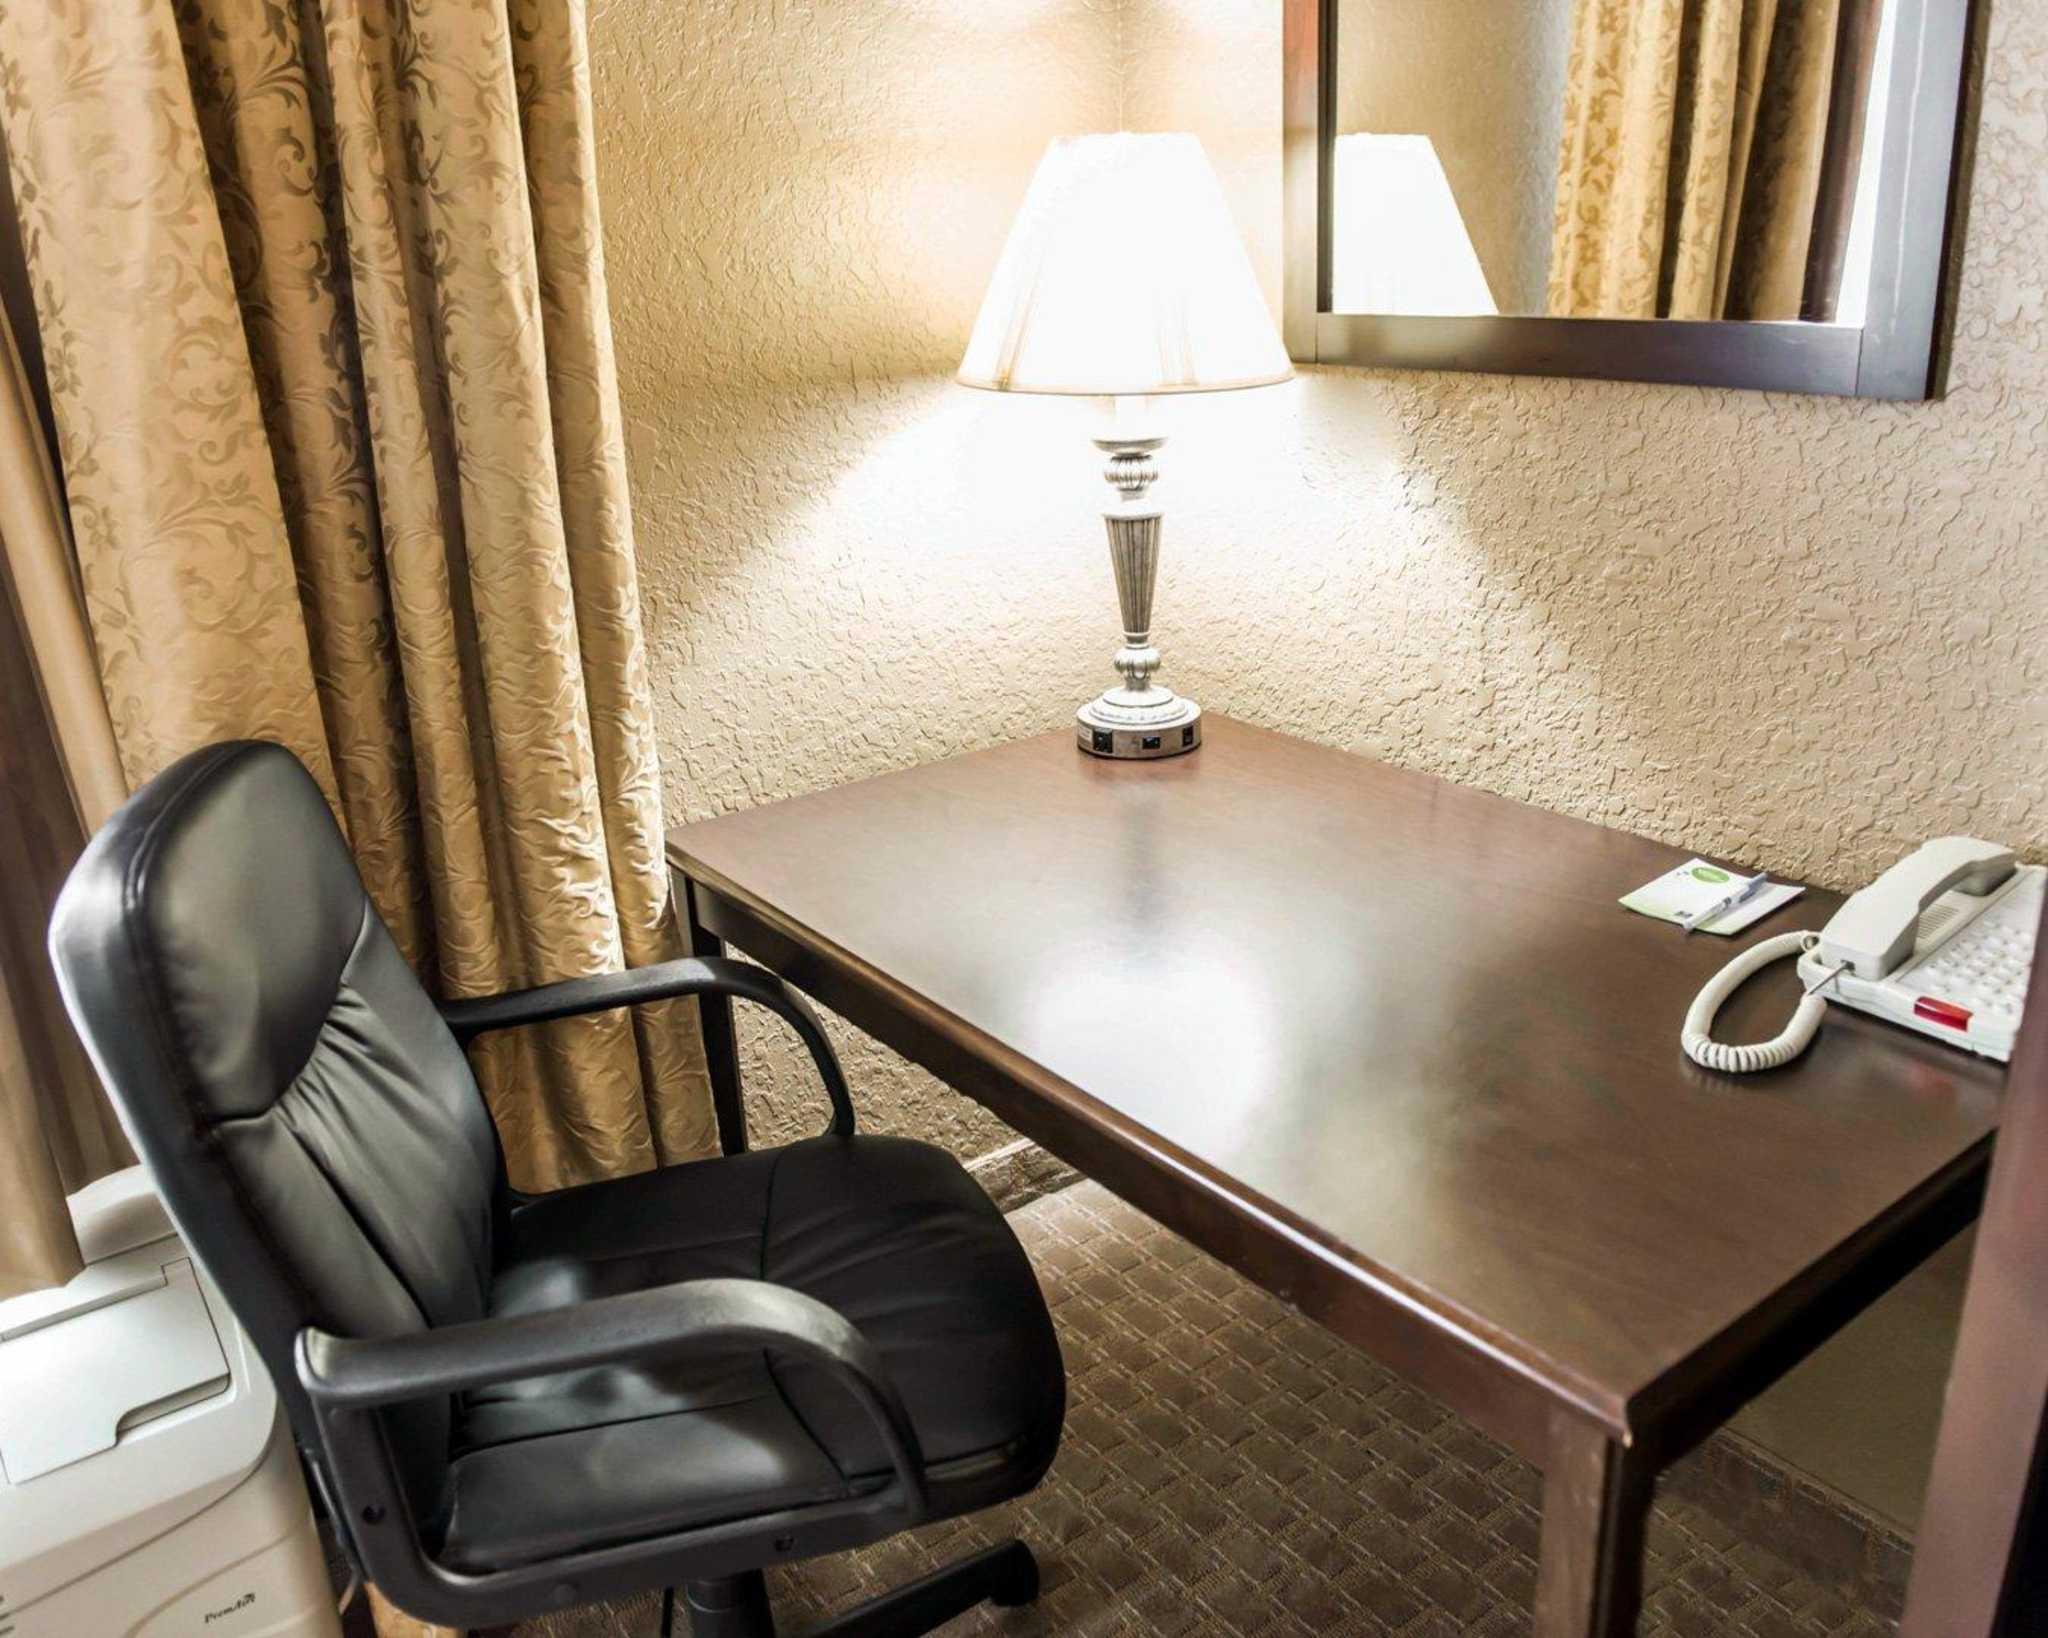 Comfort Inn & Suites Marianna I-10 image 10